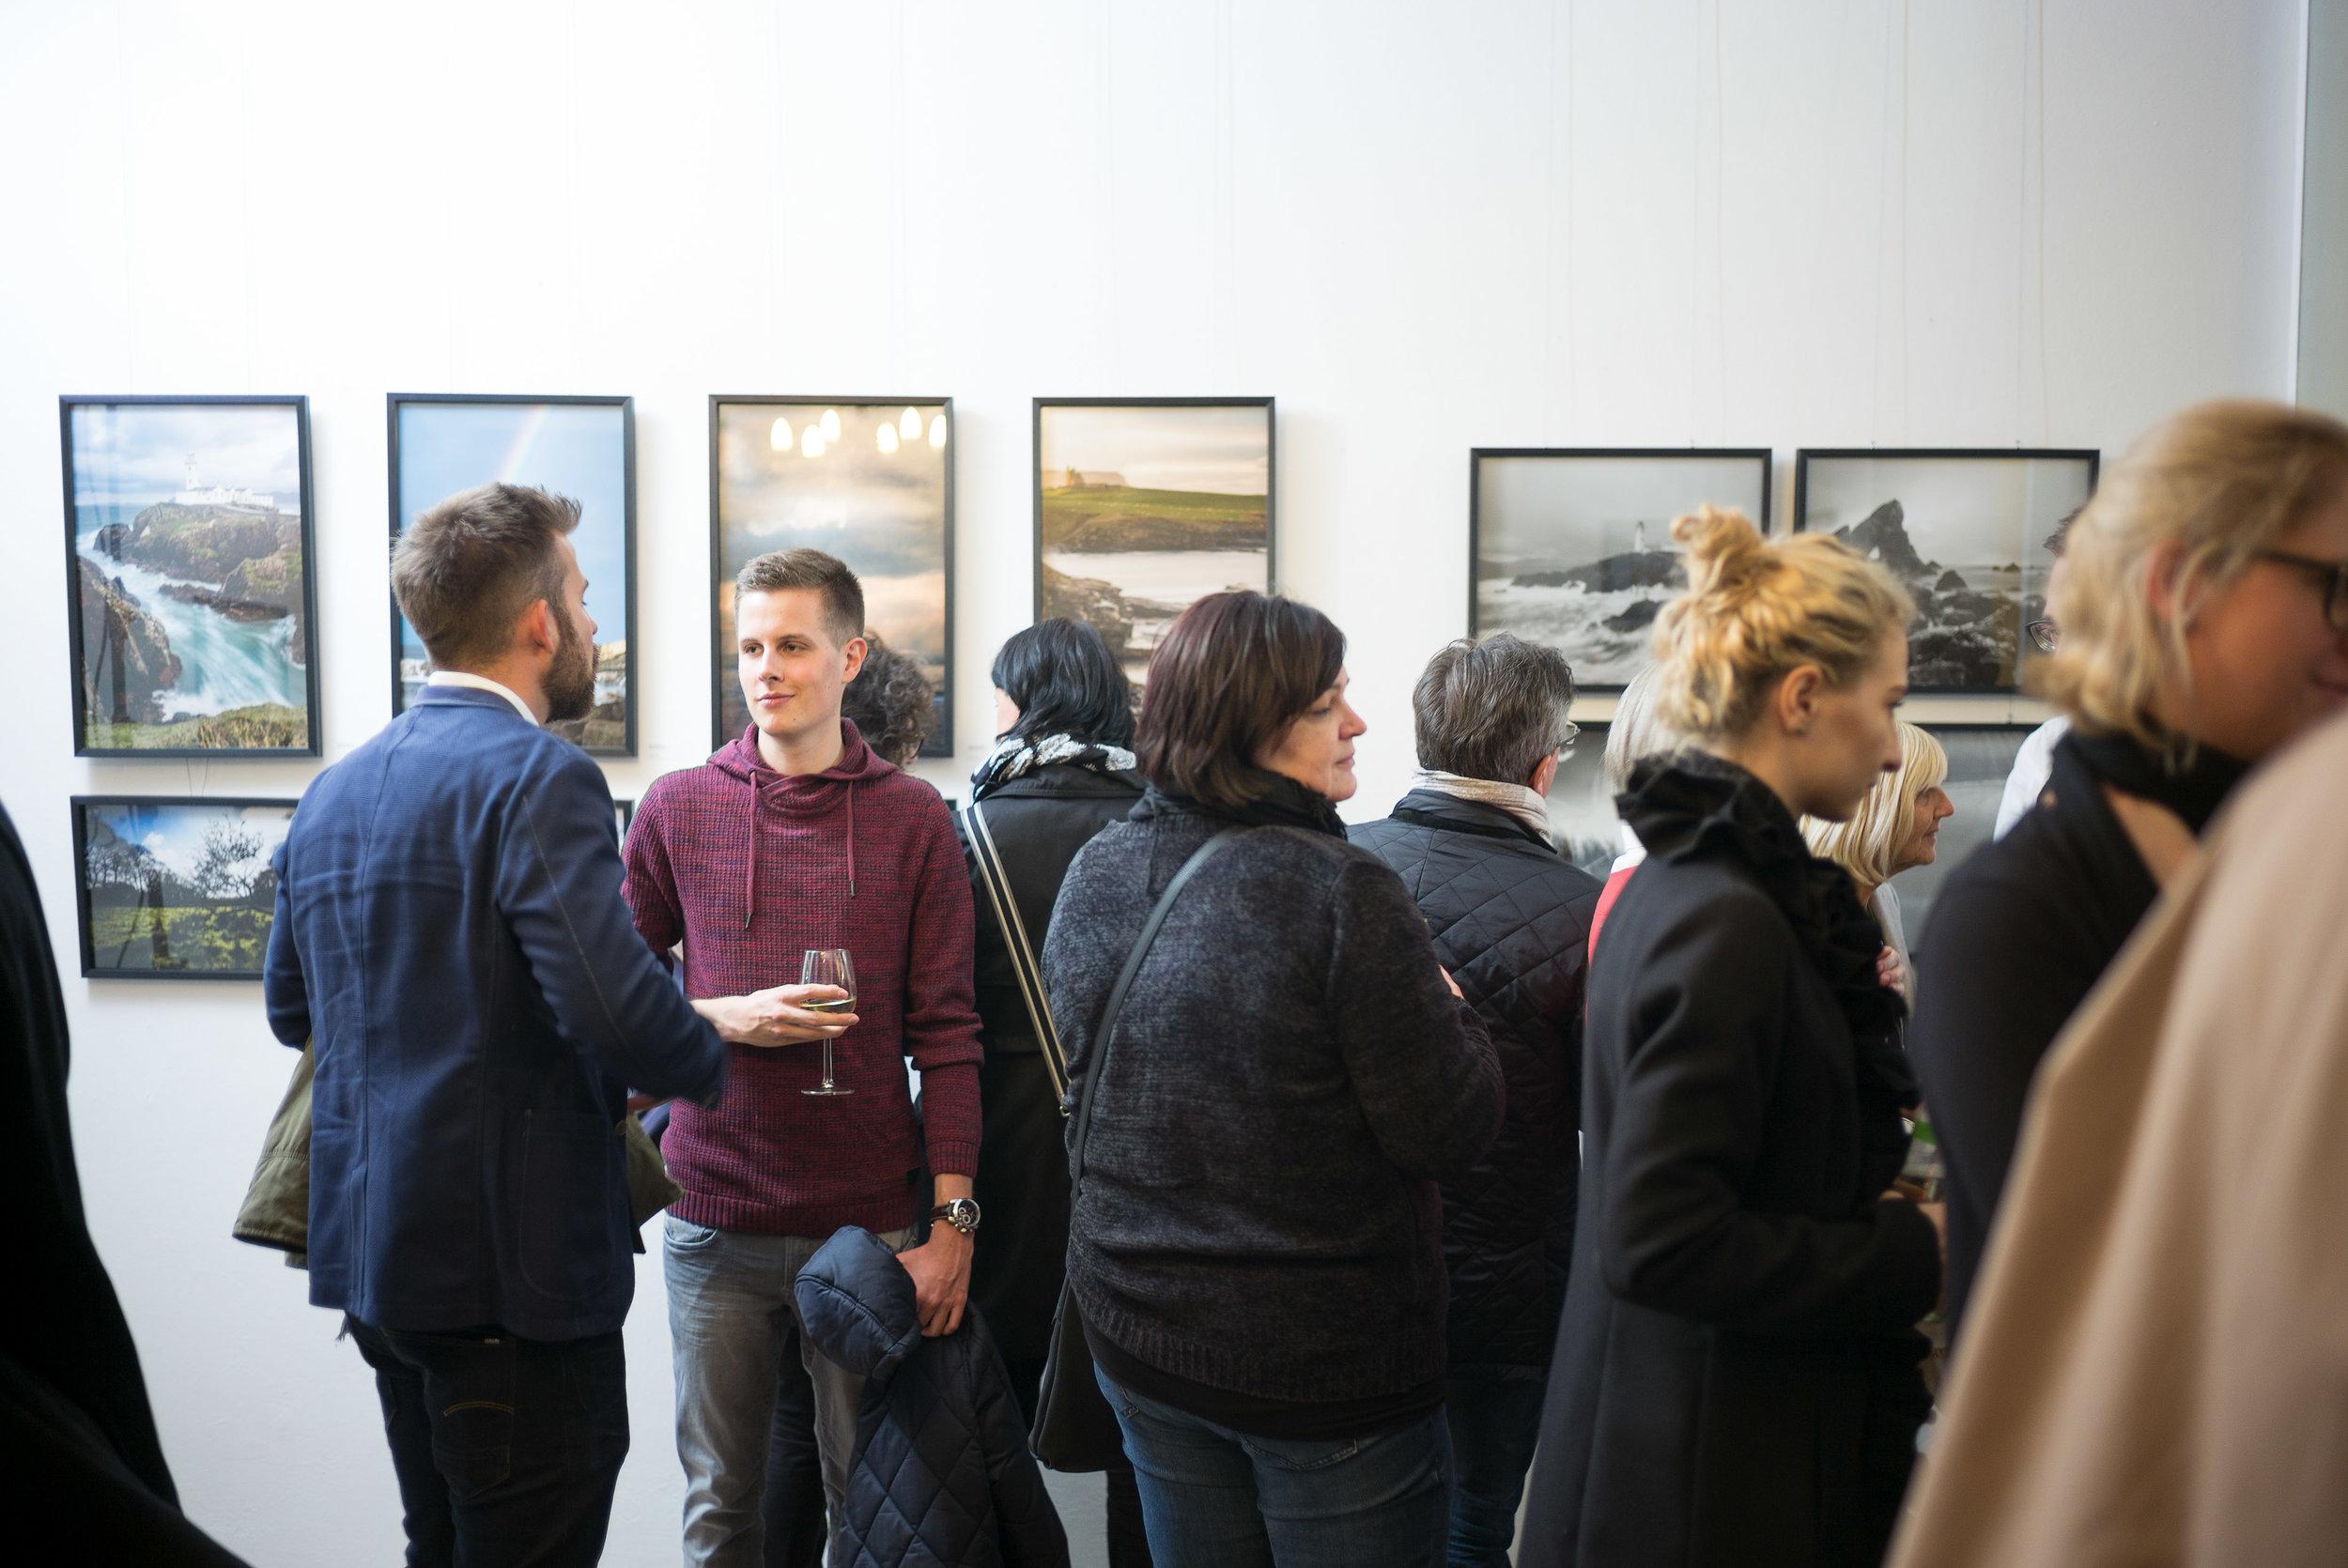 Galerie_LIK_ireland034.jpg